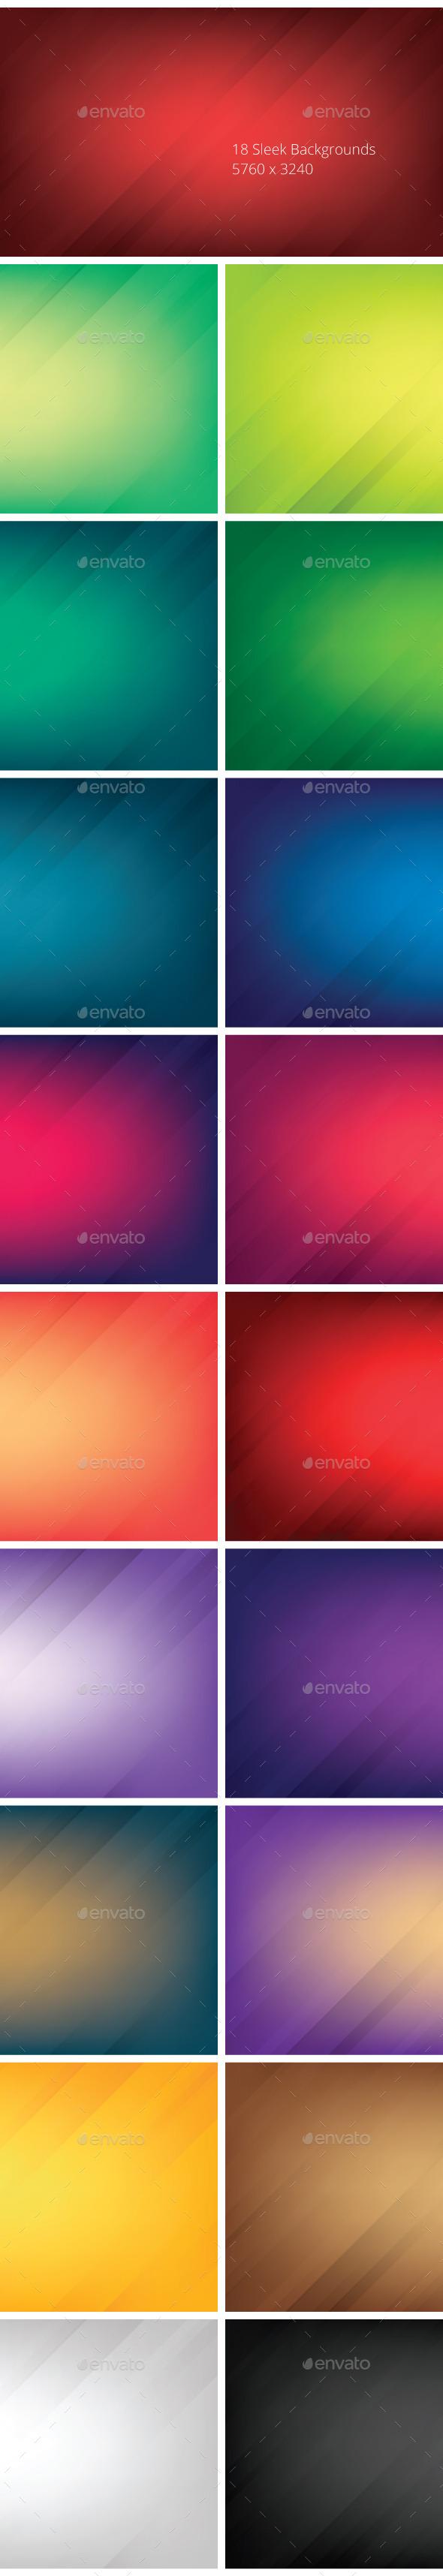 Sleek Backgrounds - Backgrounds Graphics